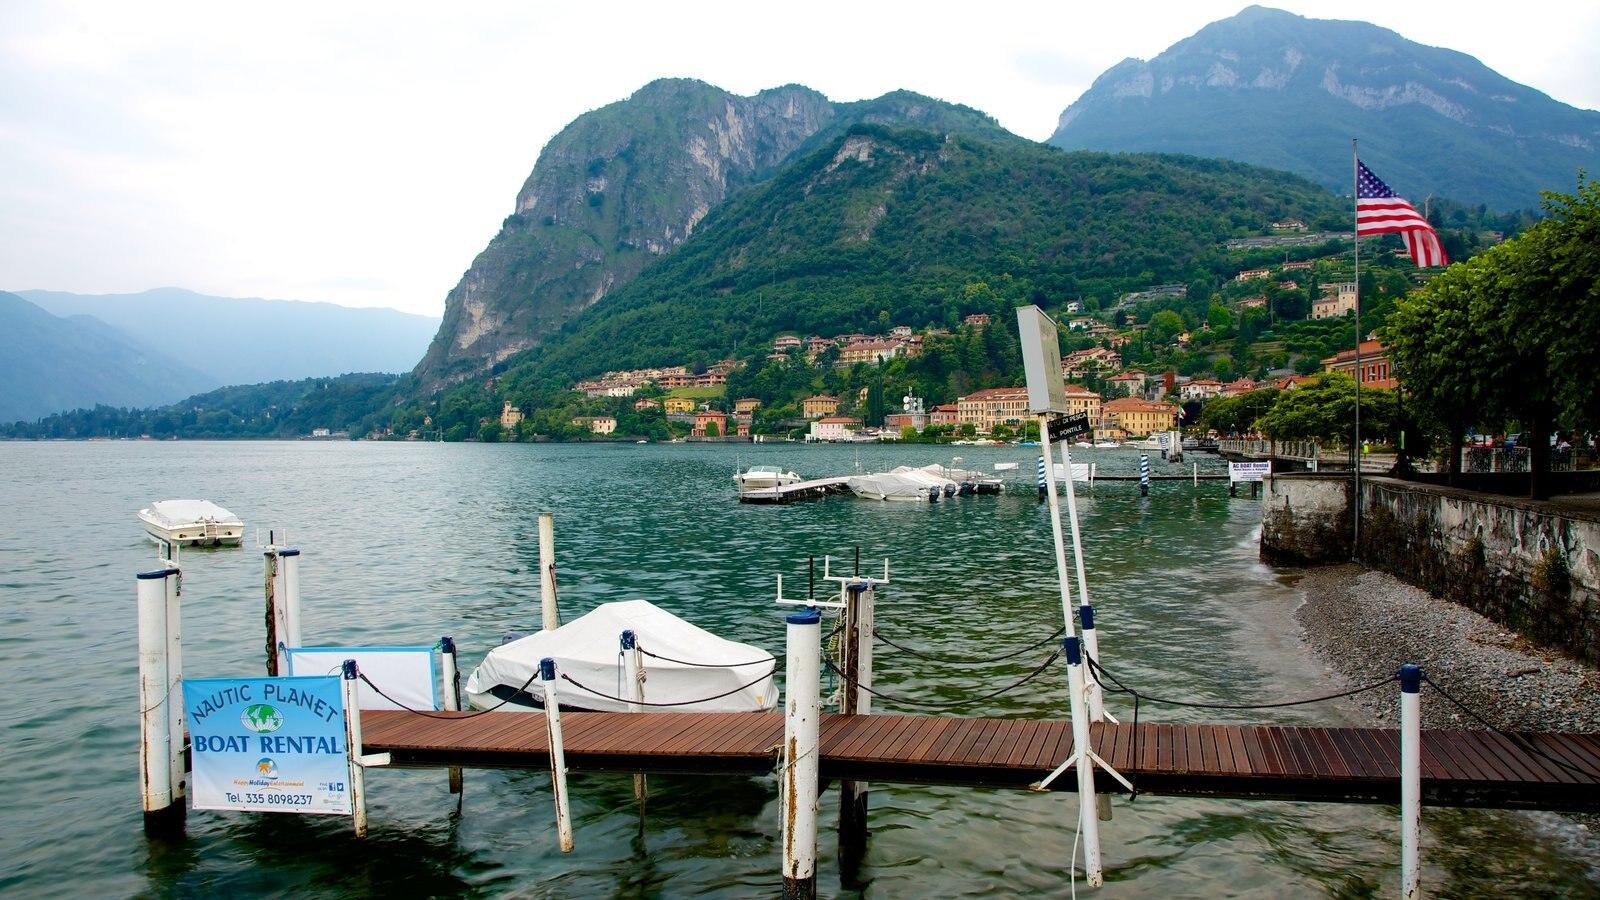 Menaggio which includes general coastal views